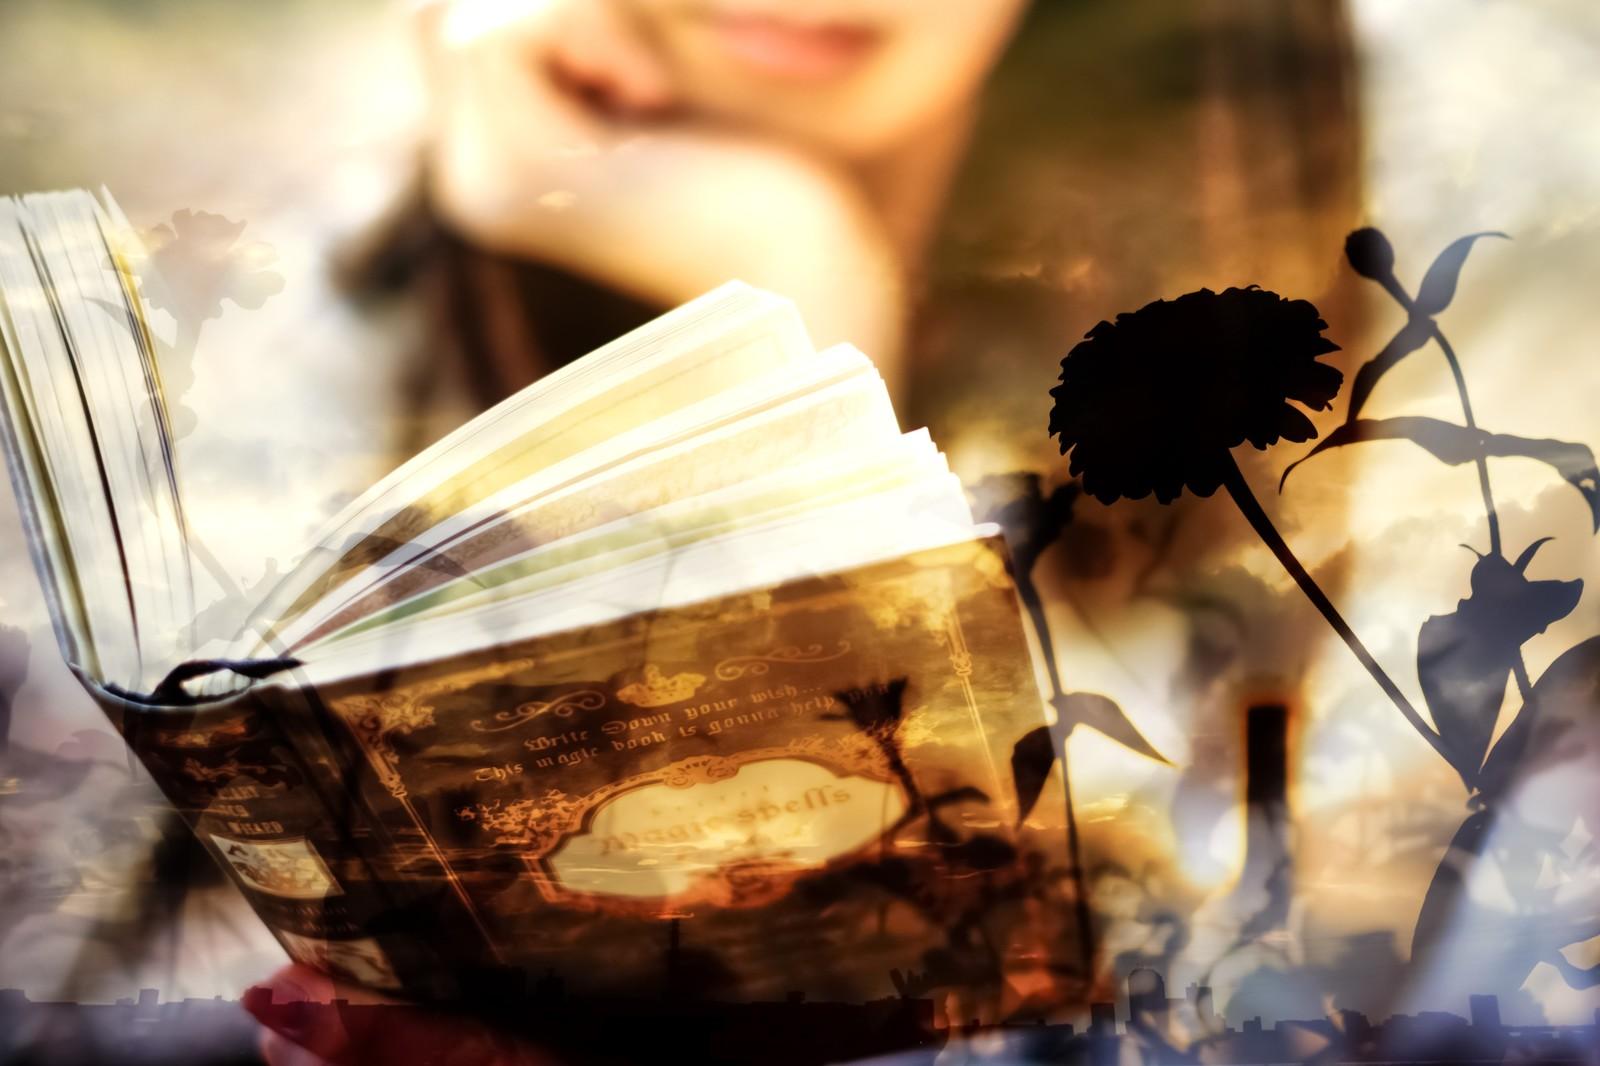 【おすすめ本】死にたいときに読む本 ~人生に絶望したらこの本を読め!~